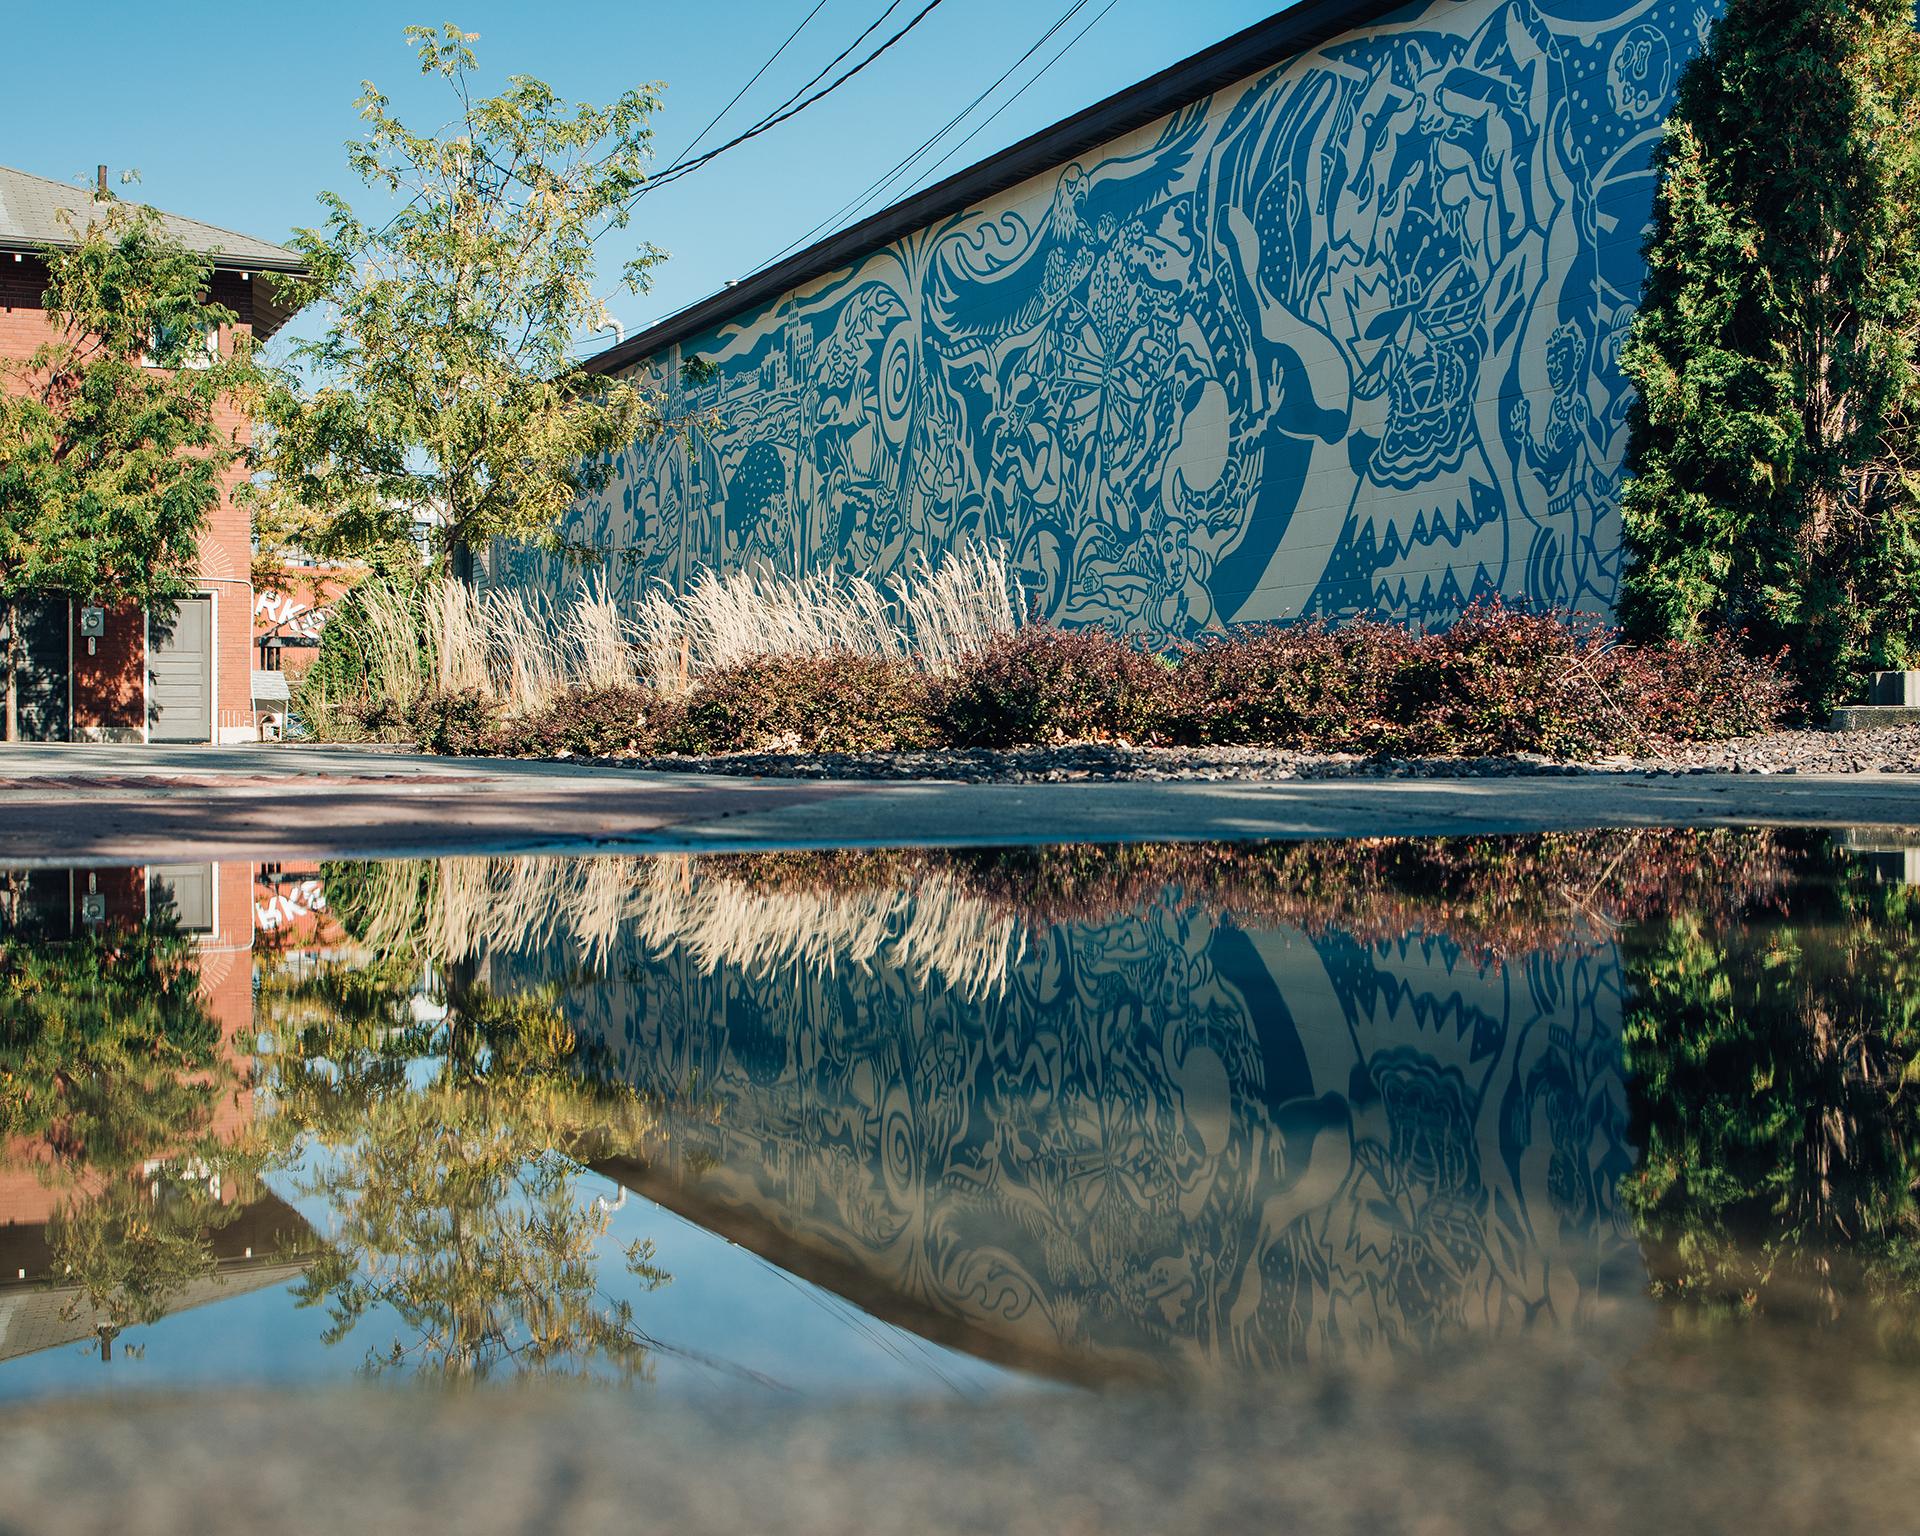 Cedar Rapids public art mural